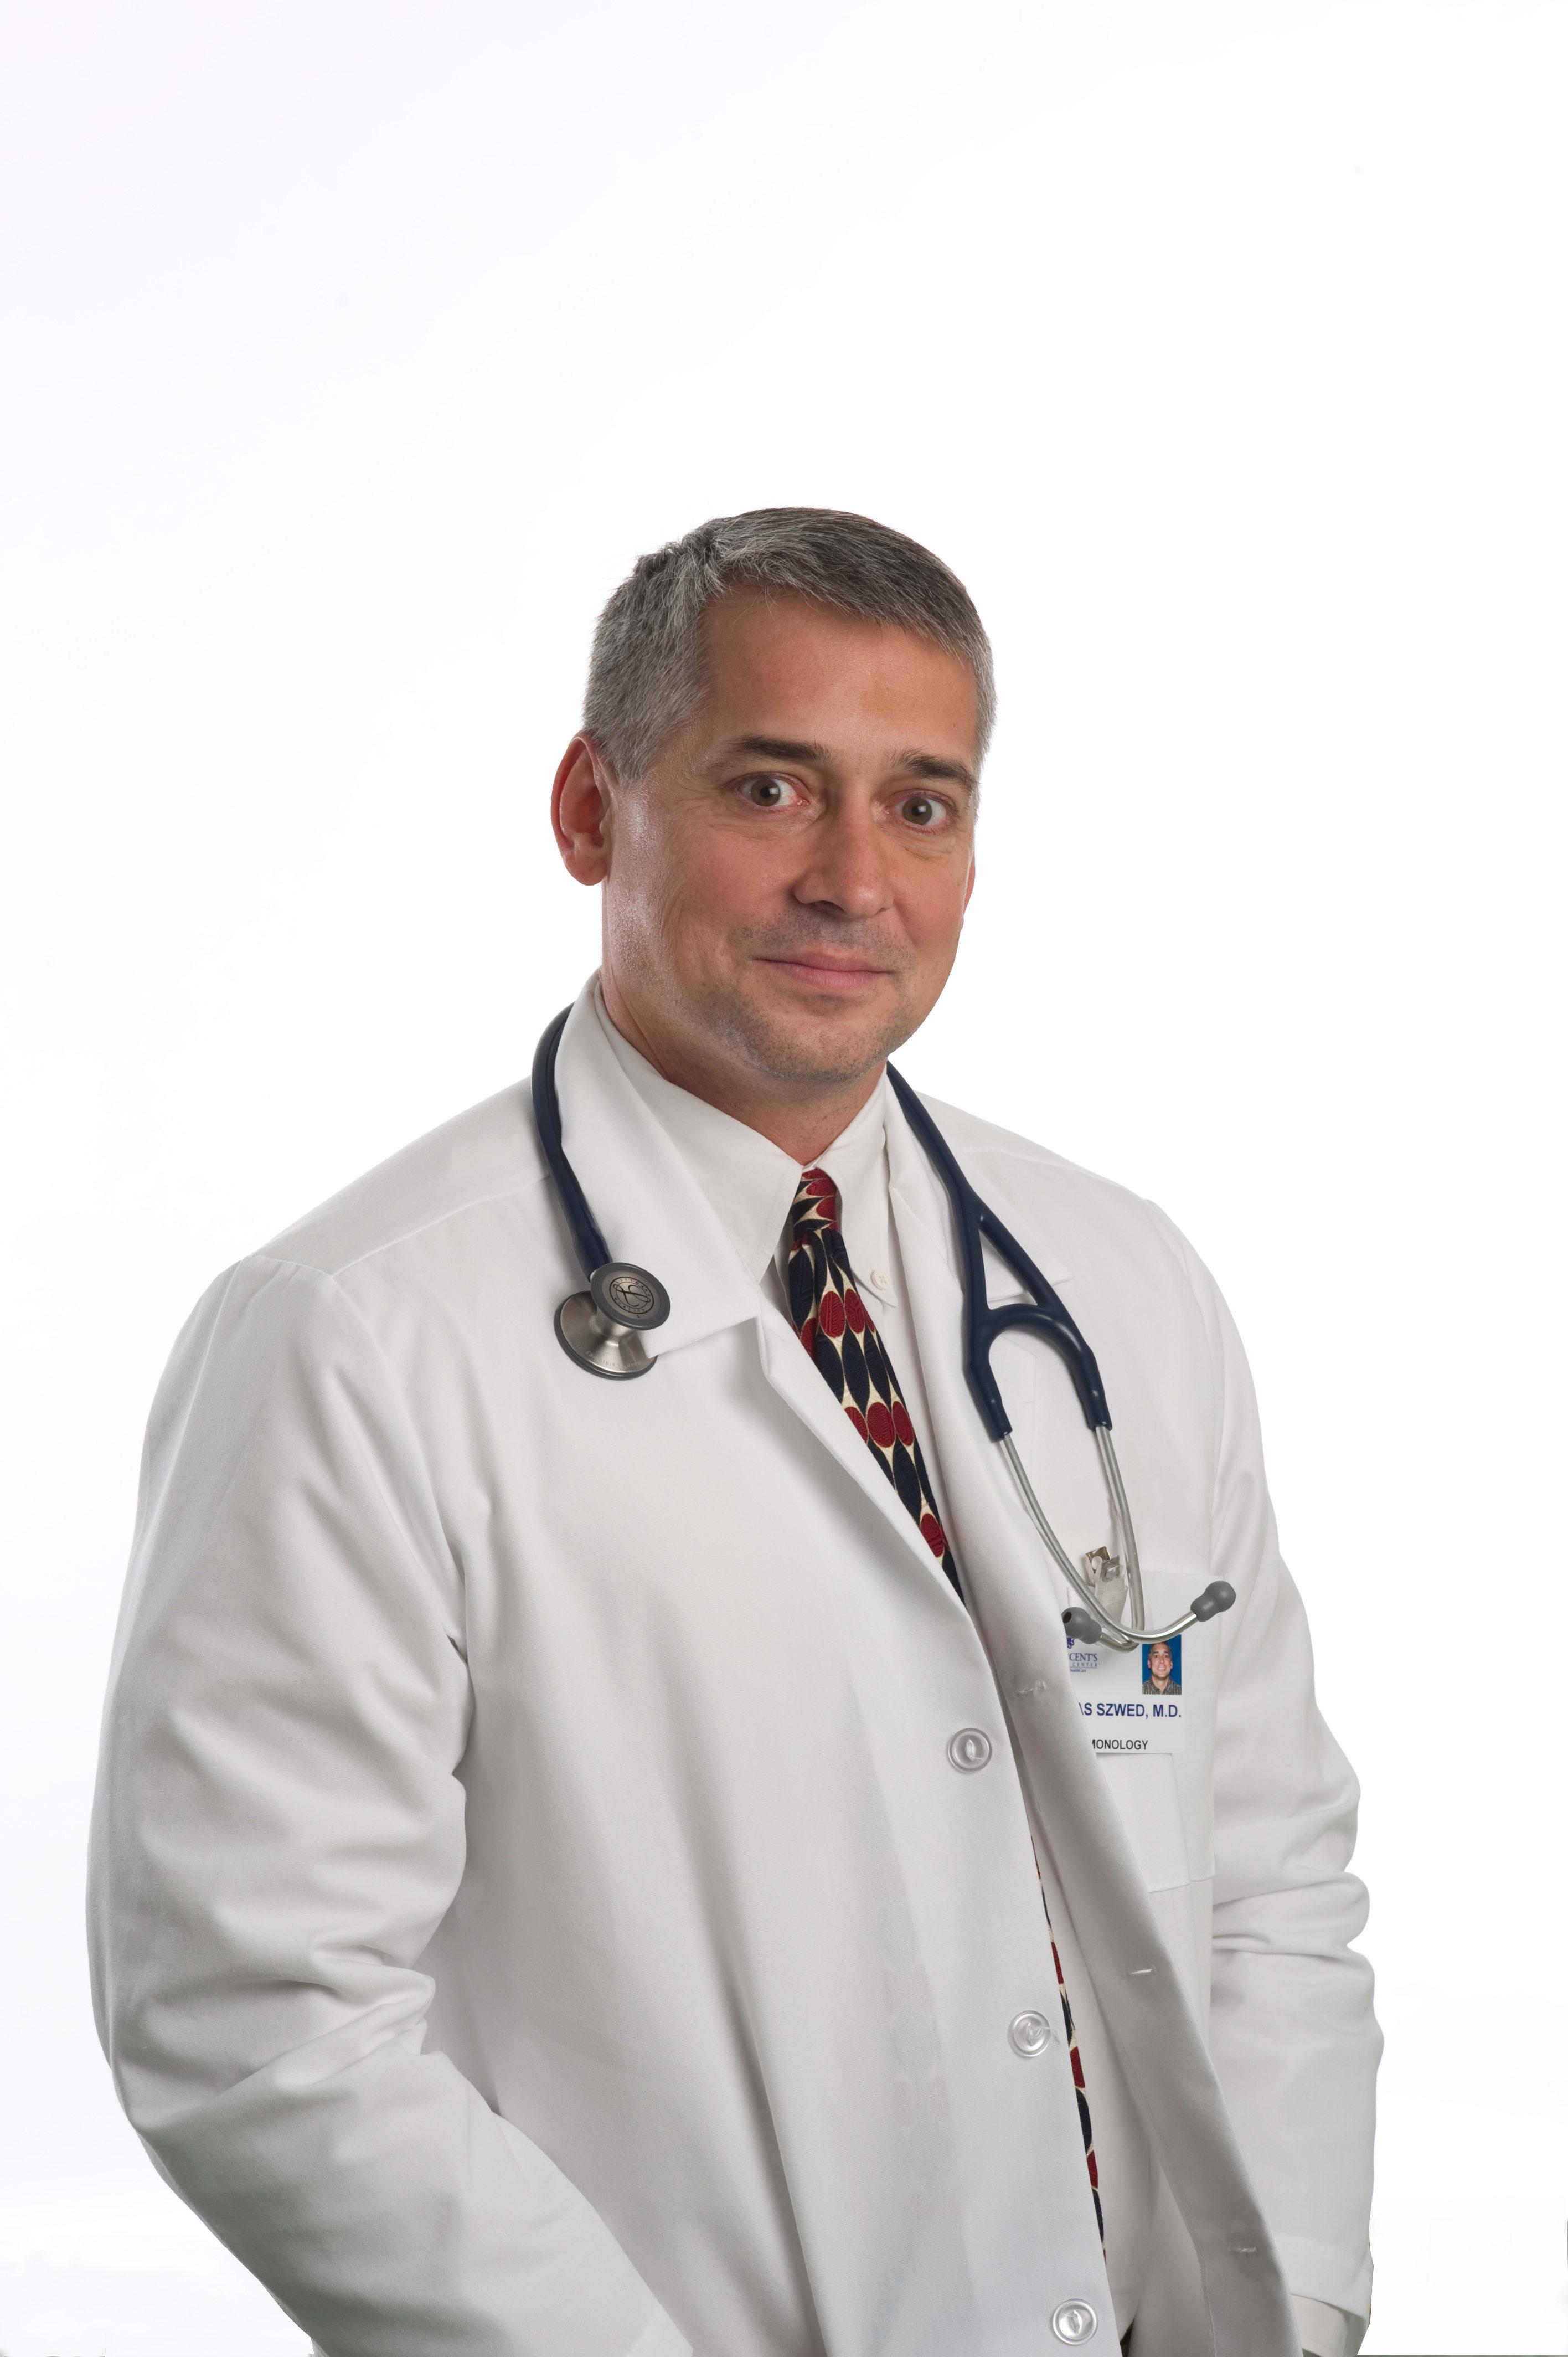 Dr. Thomas W Szwed MD